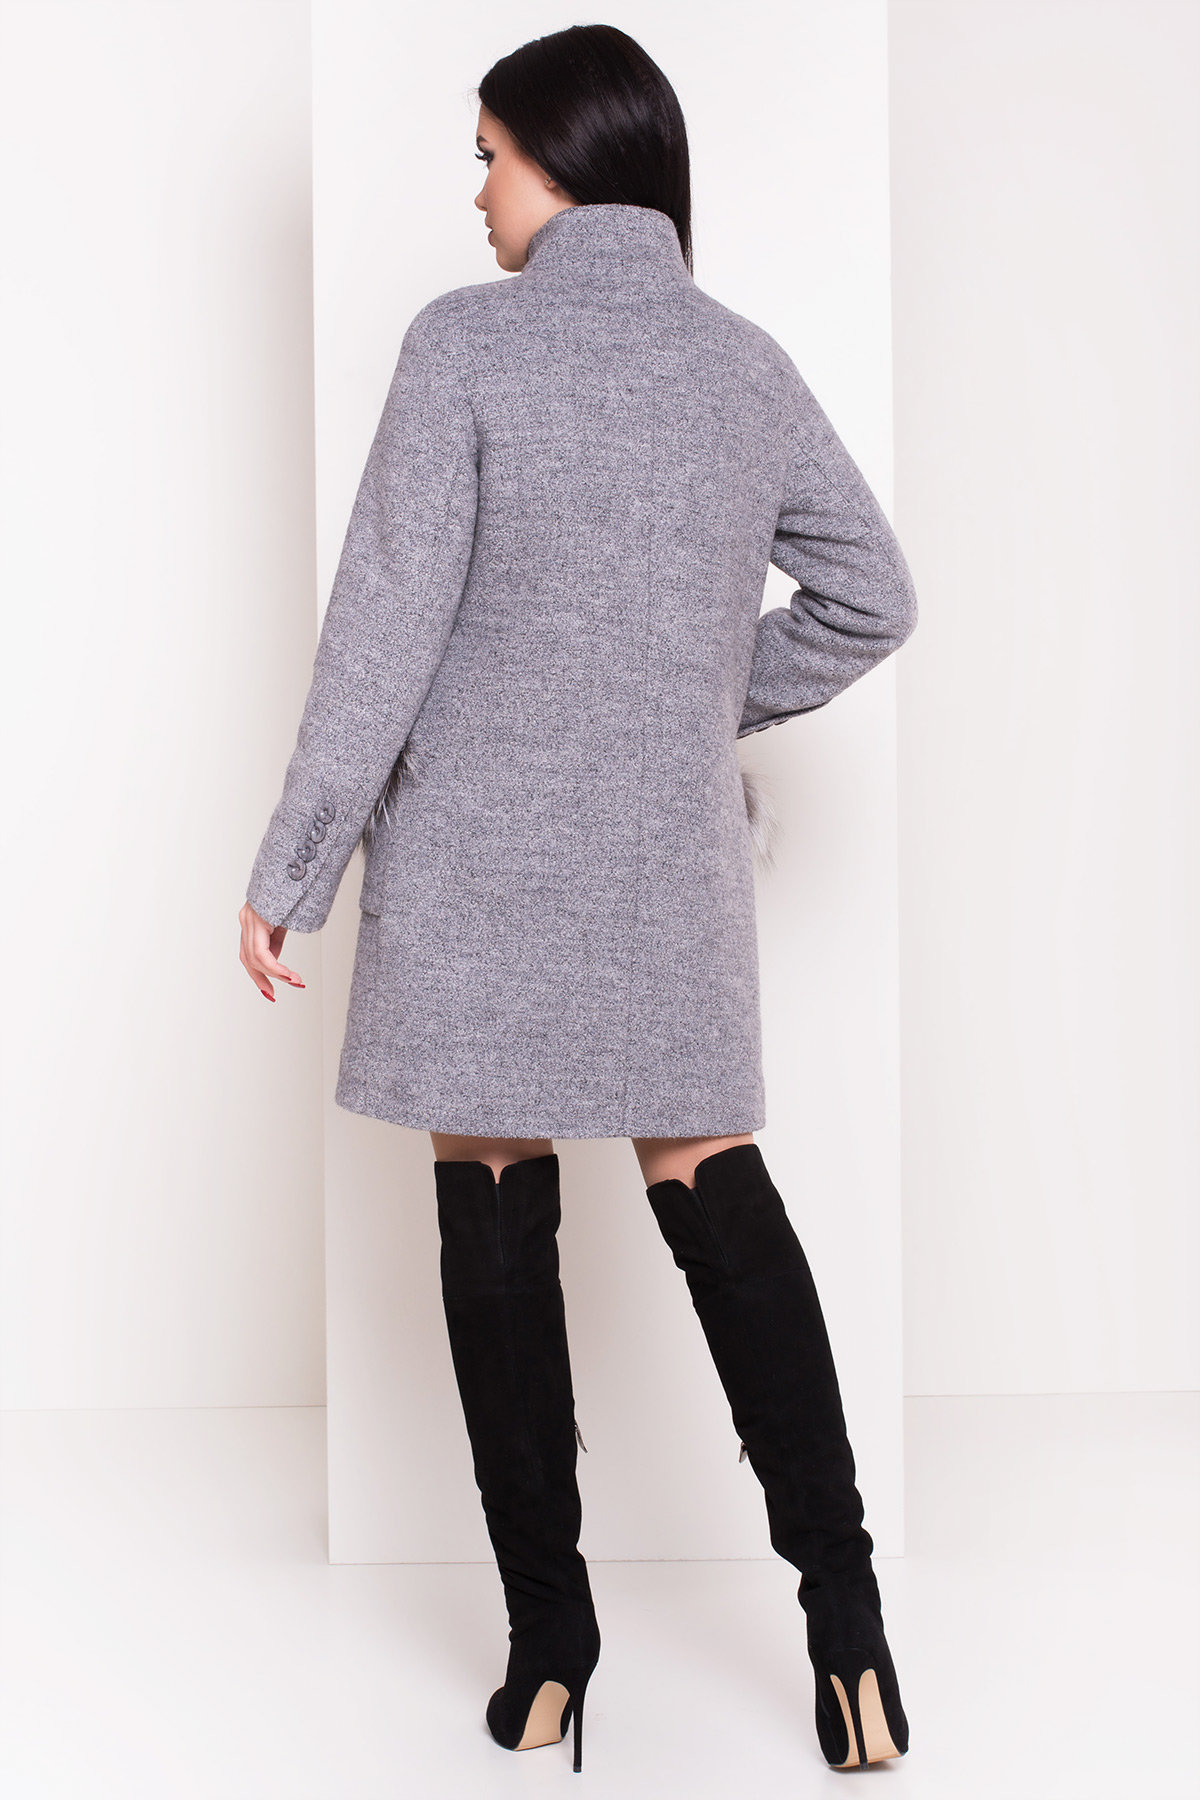 Пальто зима Этель 3692 АРТ. 19235 Цвет: Серый 48 - фото 3, интернет магазин tm-modus.ru